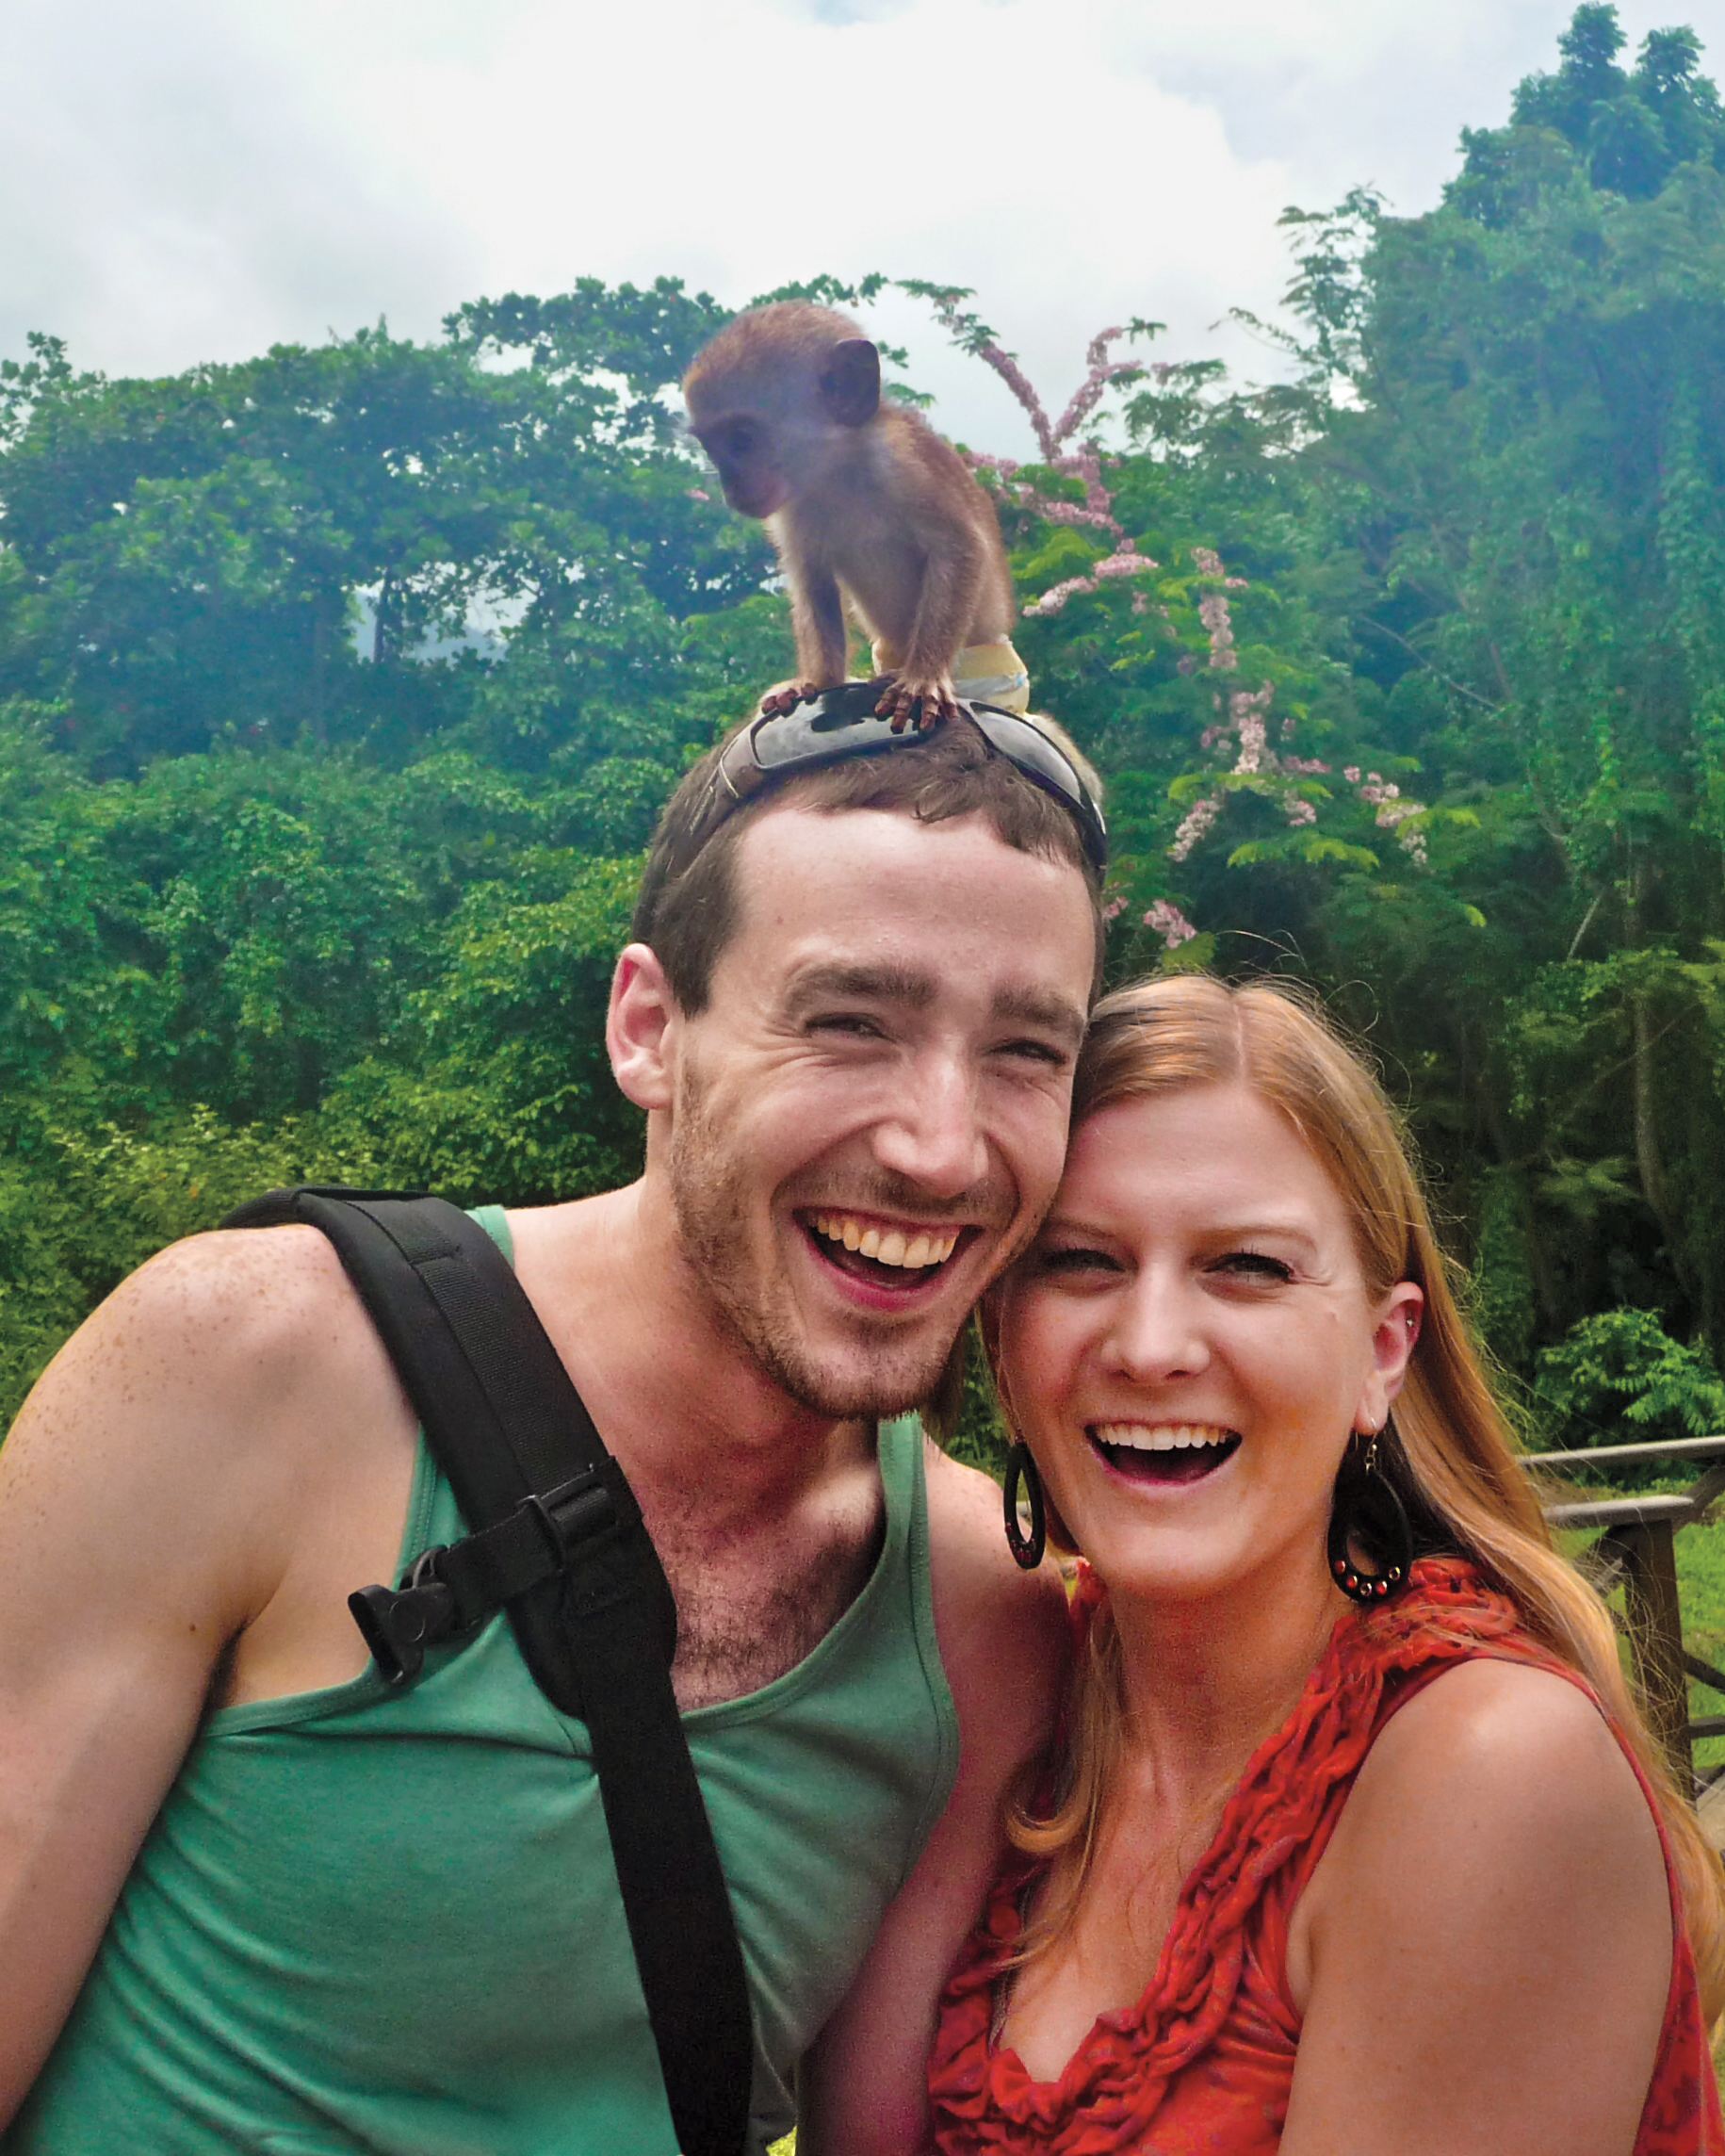 st-kitts-monkey-mws109559.jpg